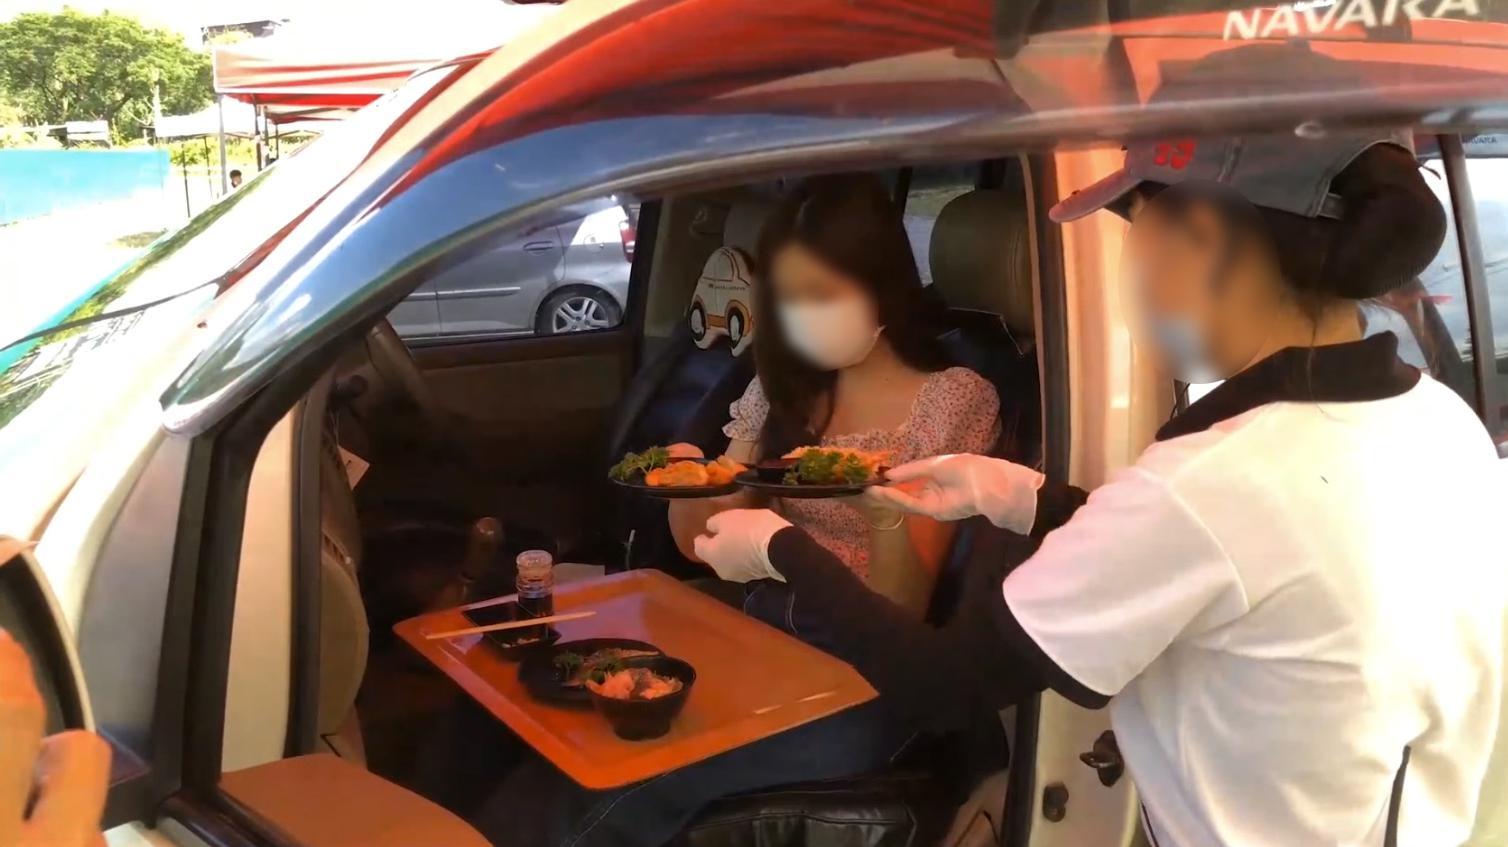 เชียงใหม่ สั่งห้ามขายซูชิในรถ ชี้เสี่ยงแพร่โควิด-19